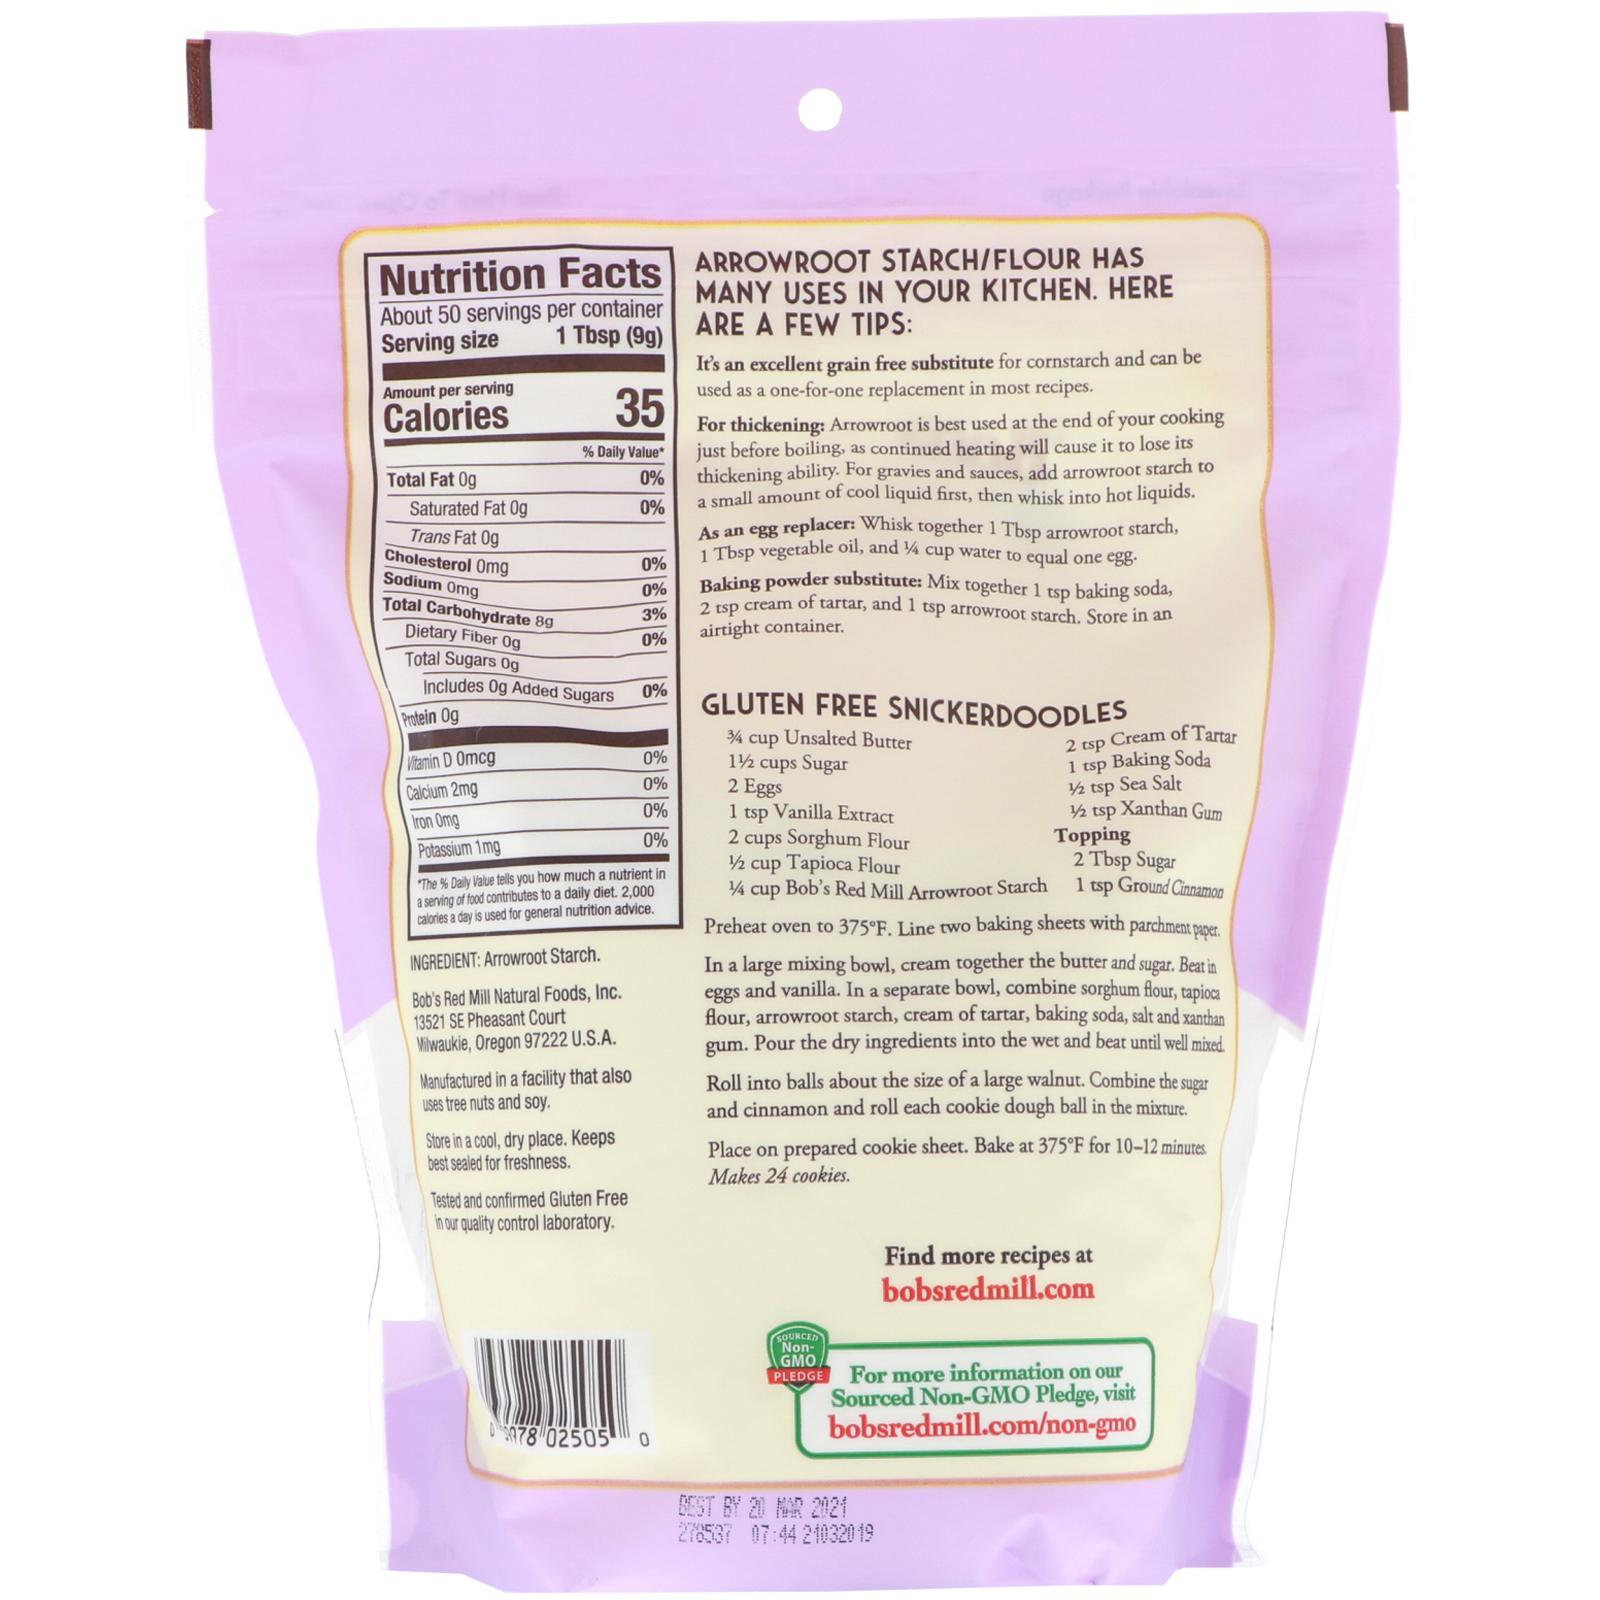 Bob's Red Mill, Arrowroot Starch/Flour, Gluten Free, 16 oz